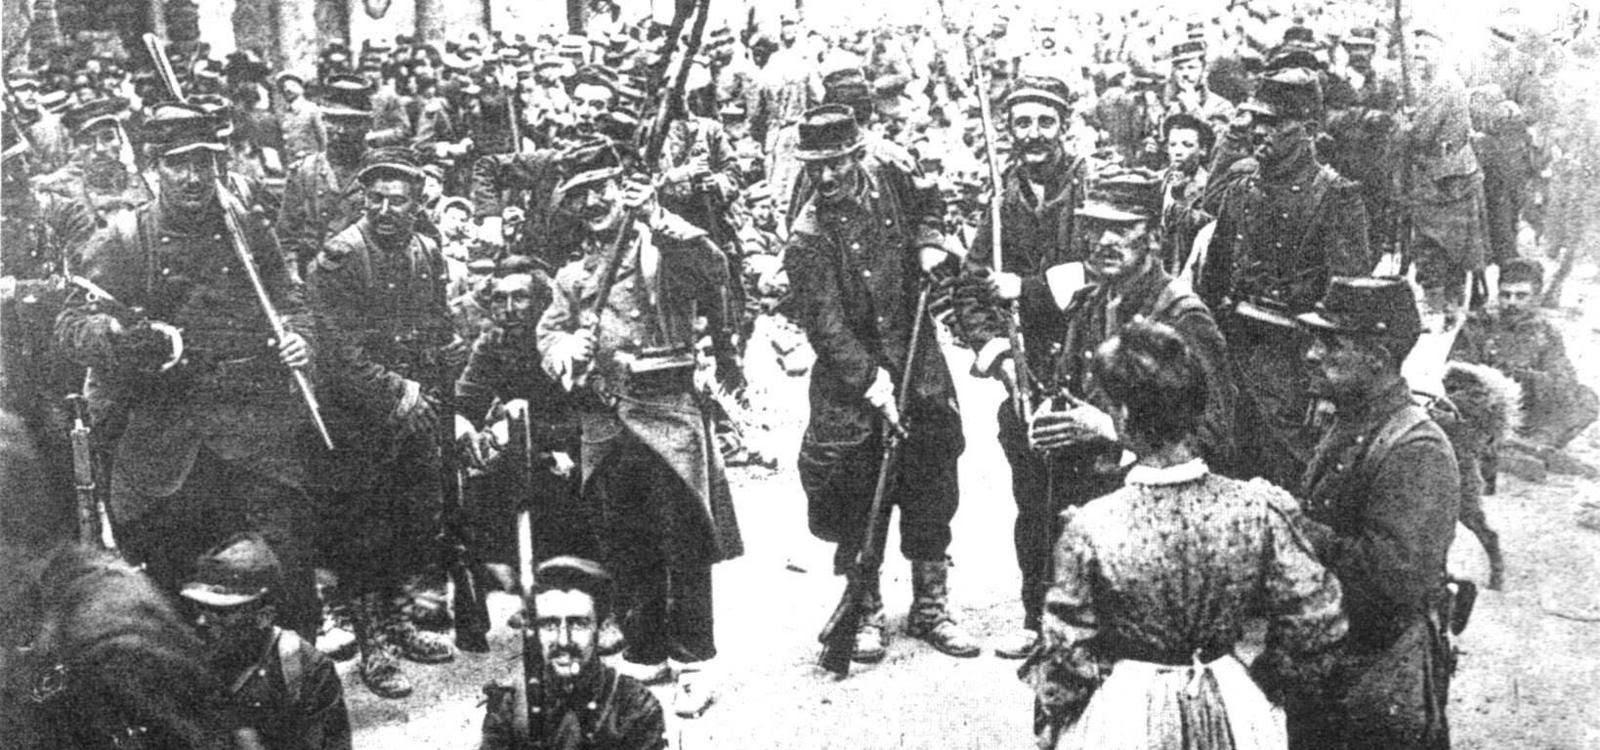 20 juin 1907: à Béziers, le 17e régiment d'infanterie met les crosses en l'air